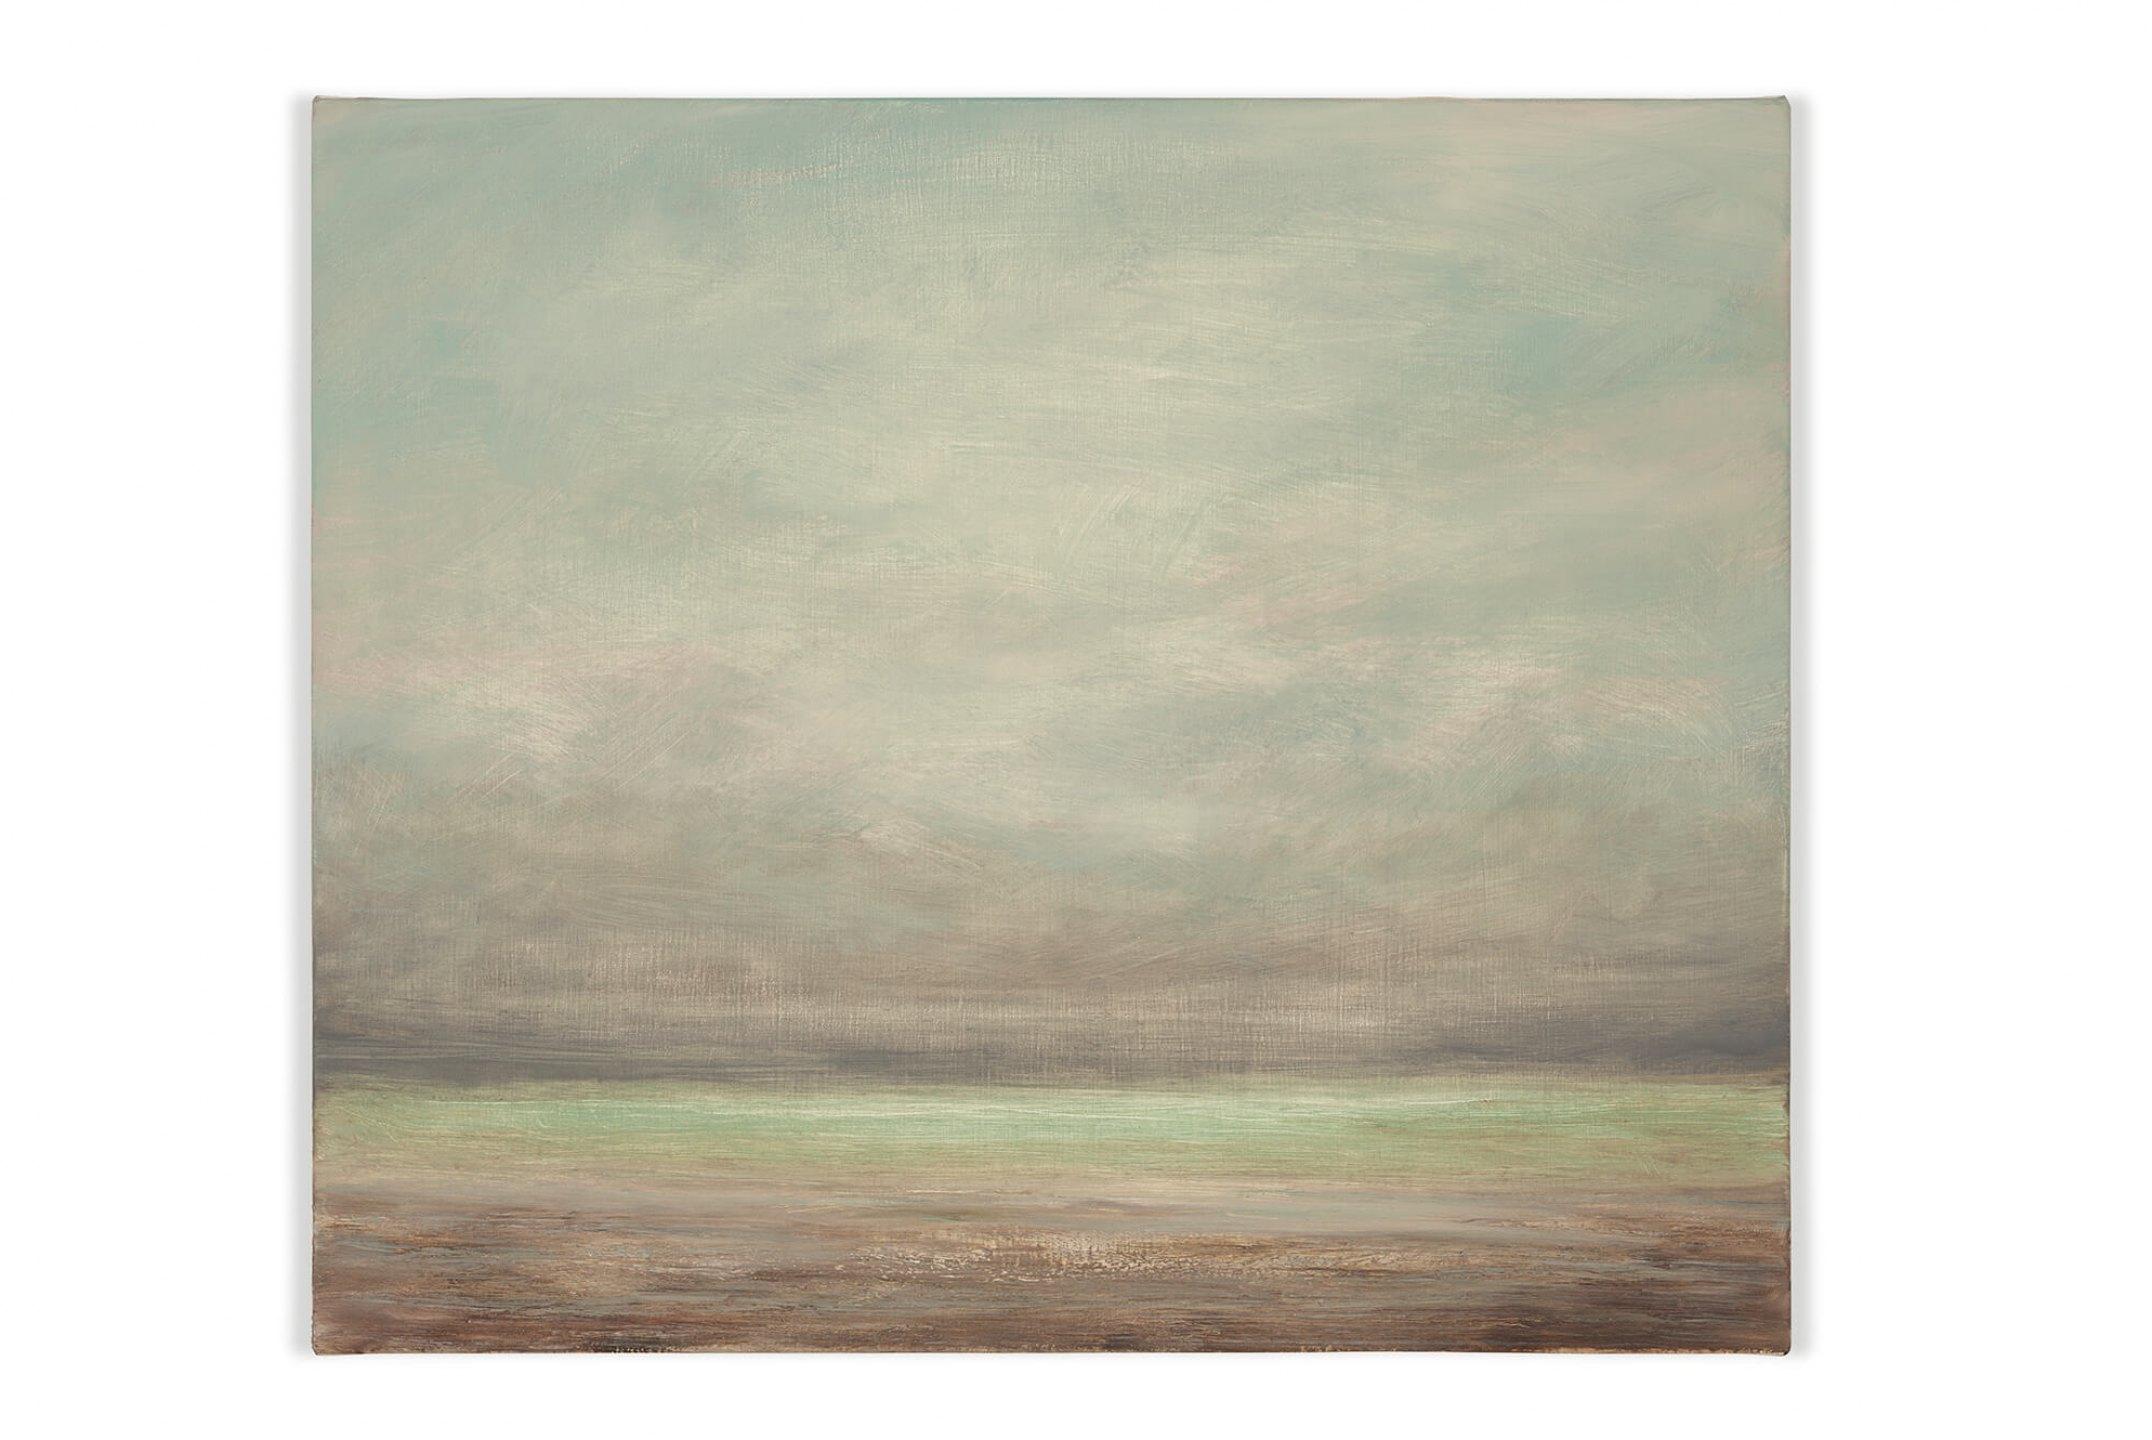 Lucas Arruda, <em>untitled</em>, 2014, oil on canvas, 45&nbsp;×&nbsp;53 cm - Mendes Wood DM